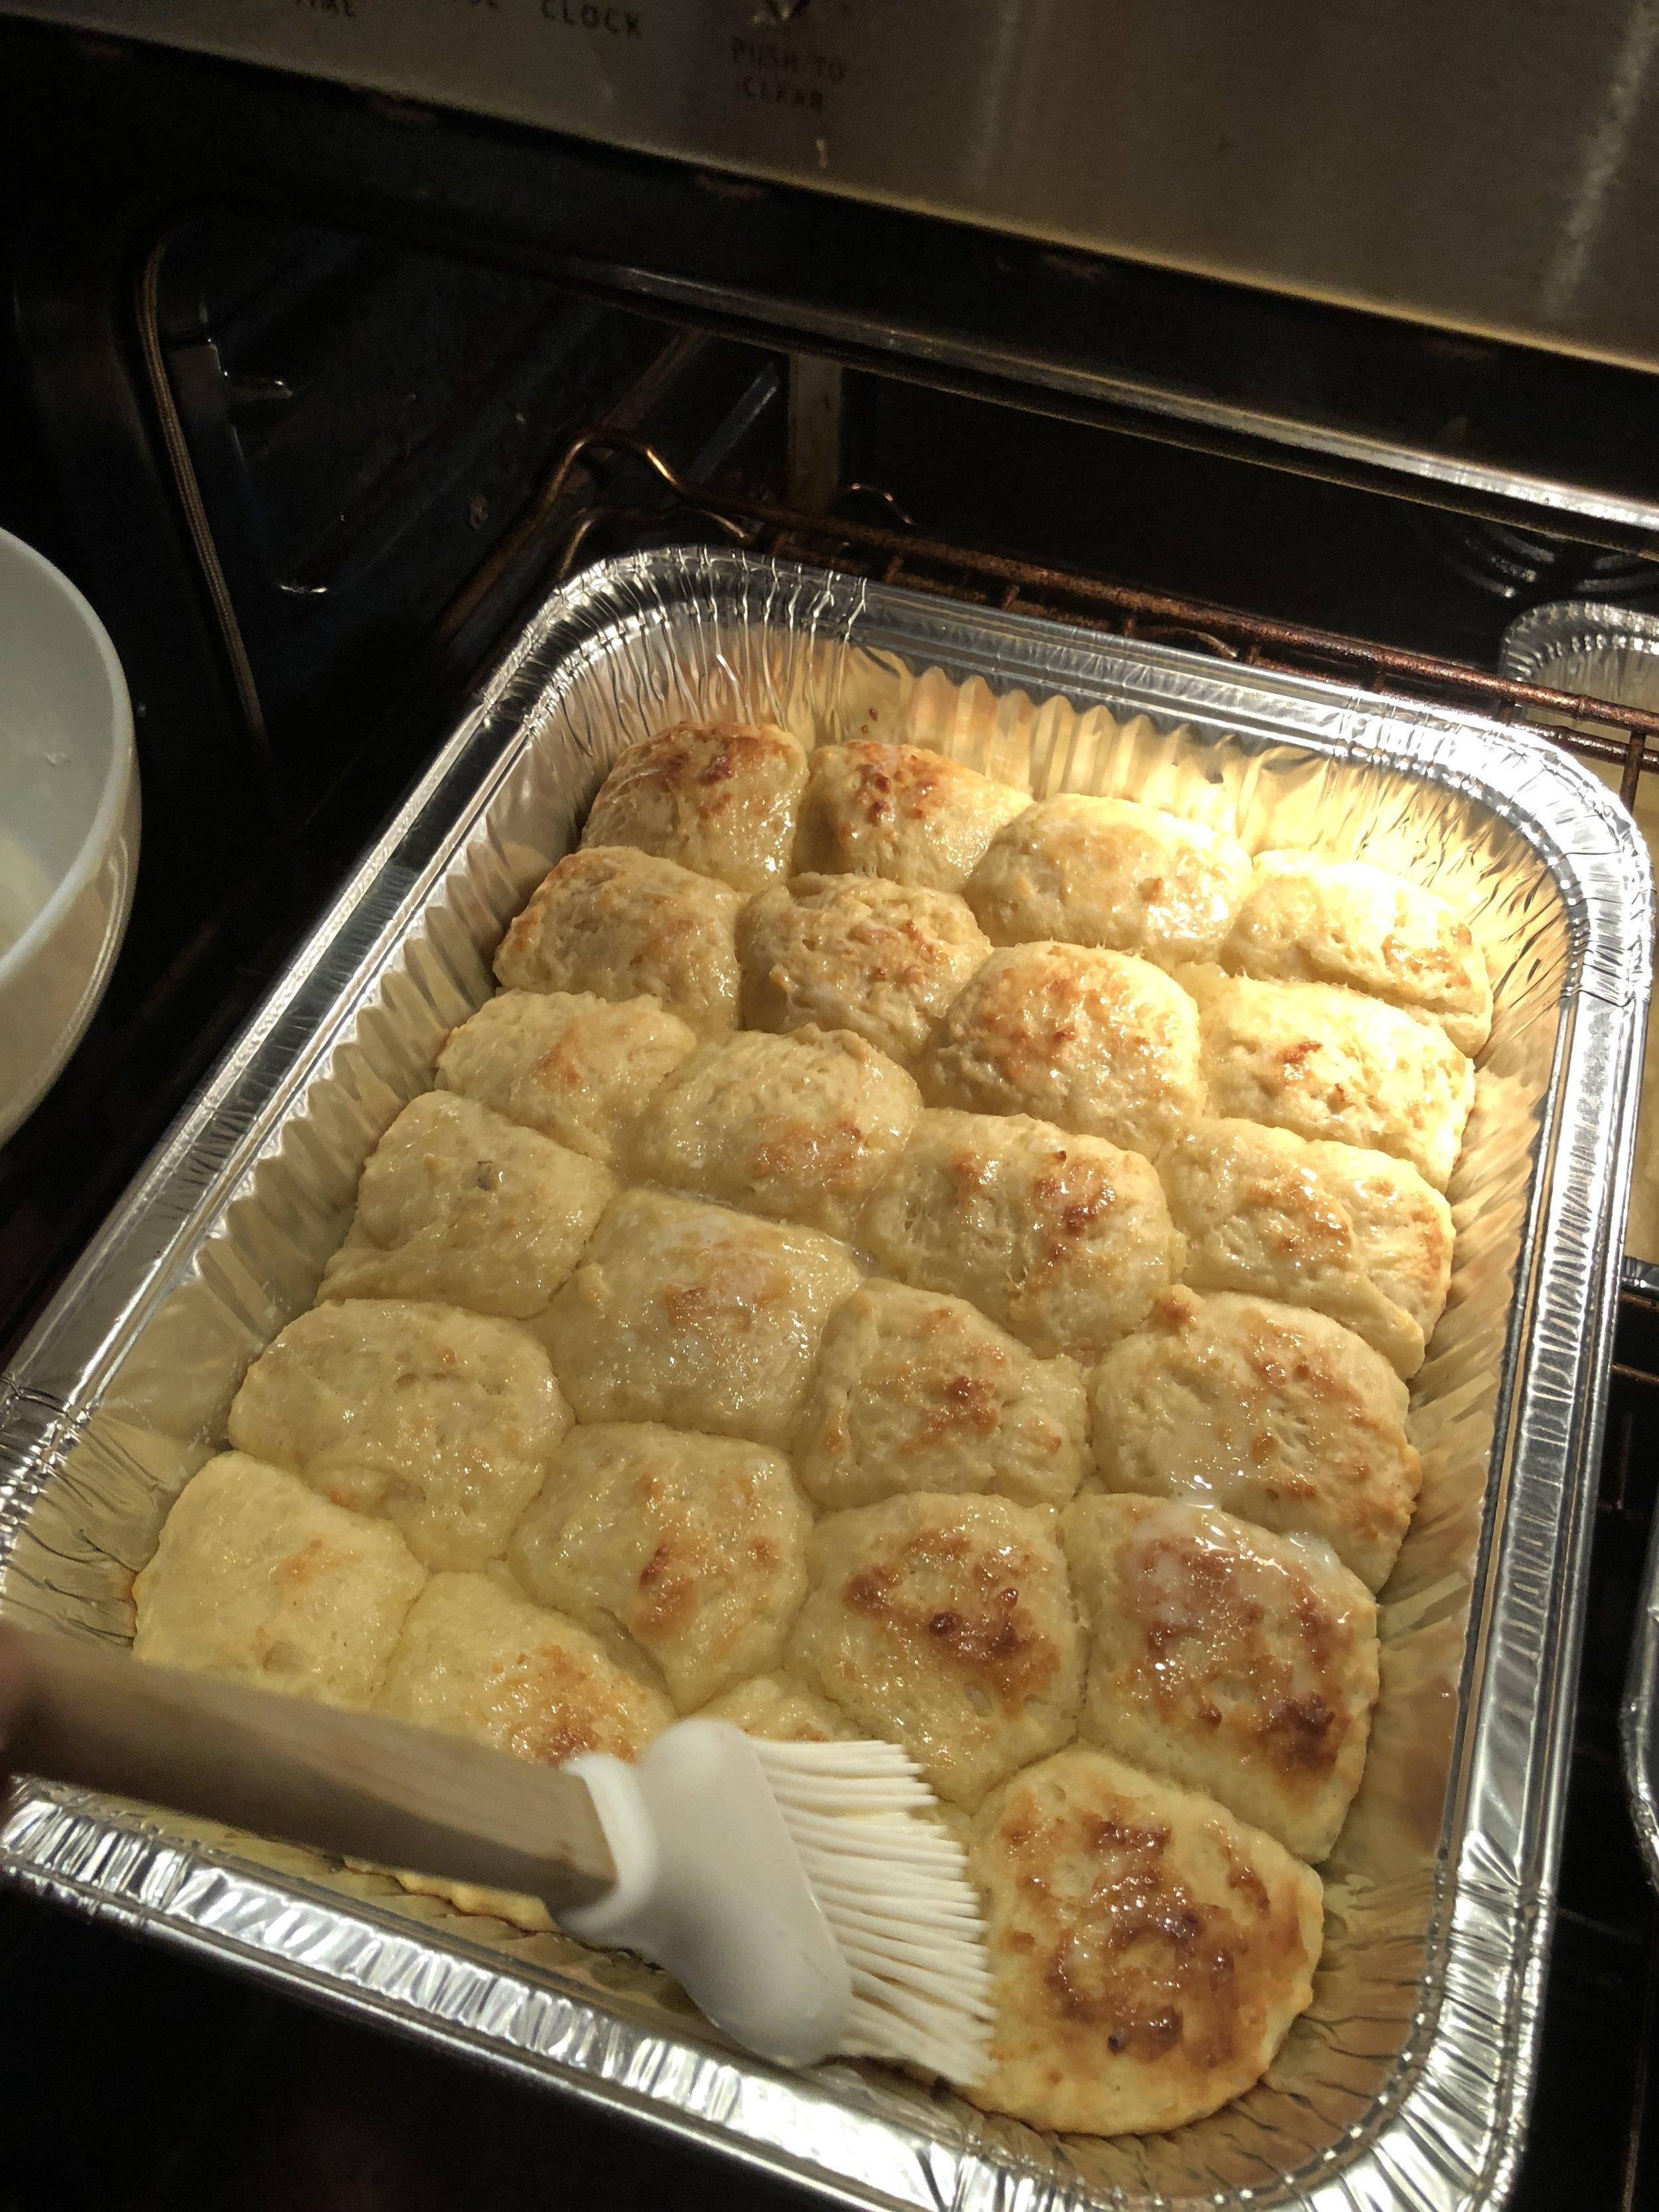 Austin's Rolls Baking in Oven.JPG